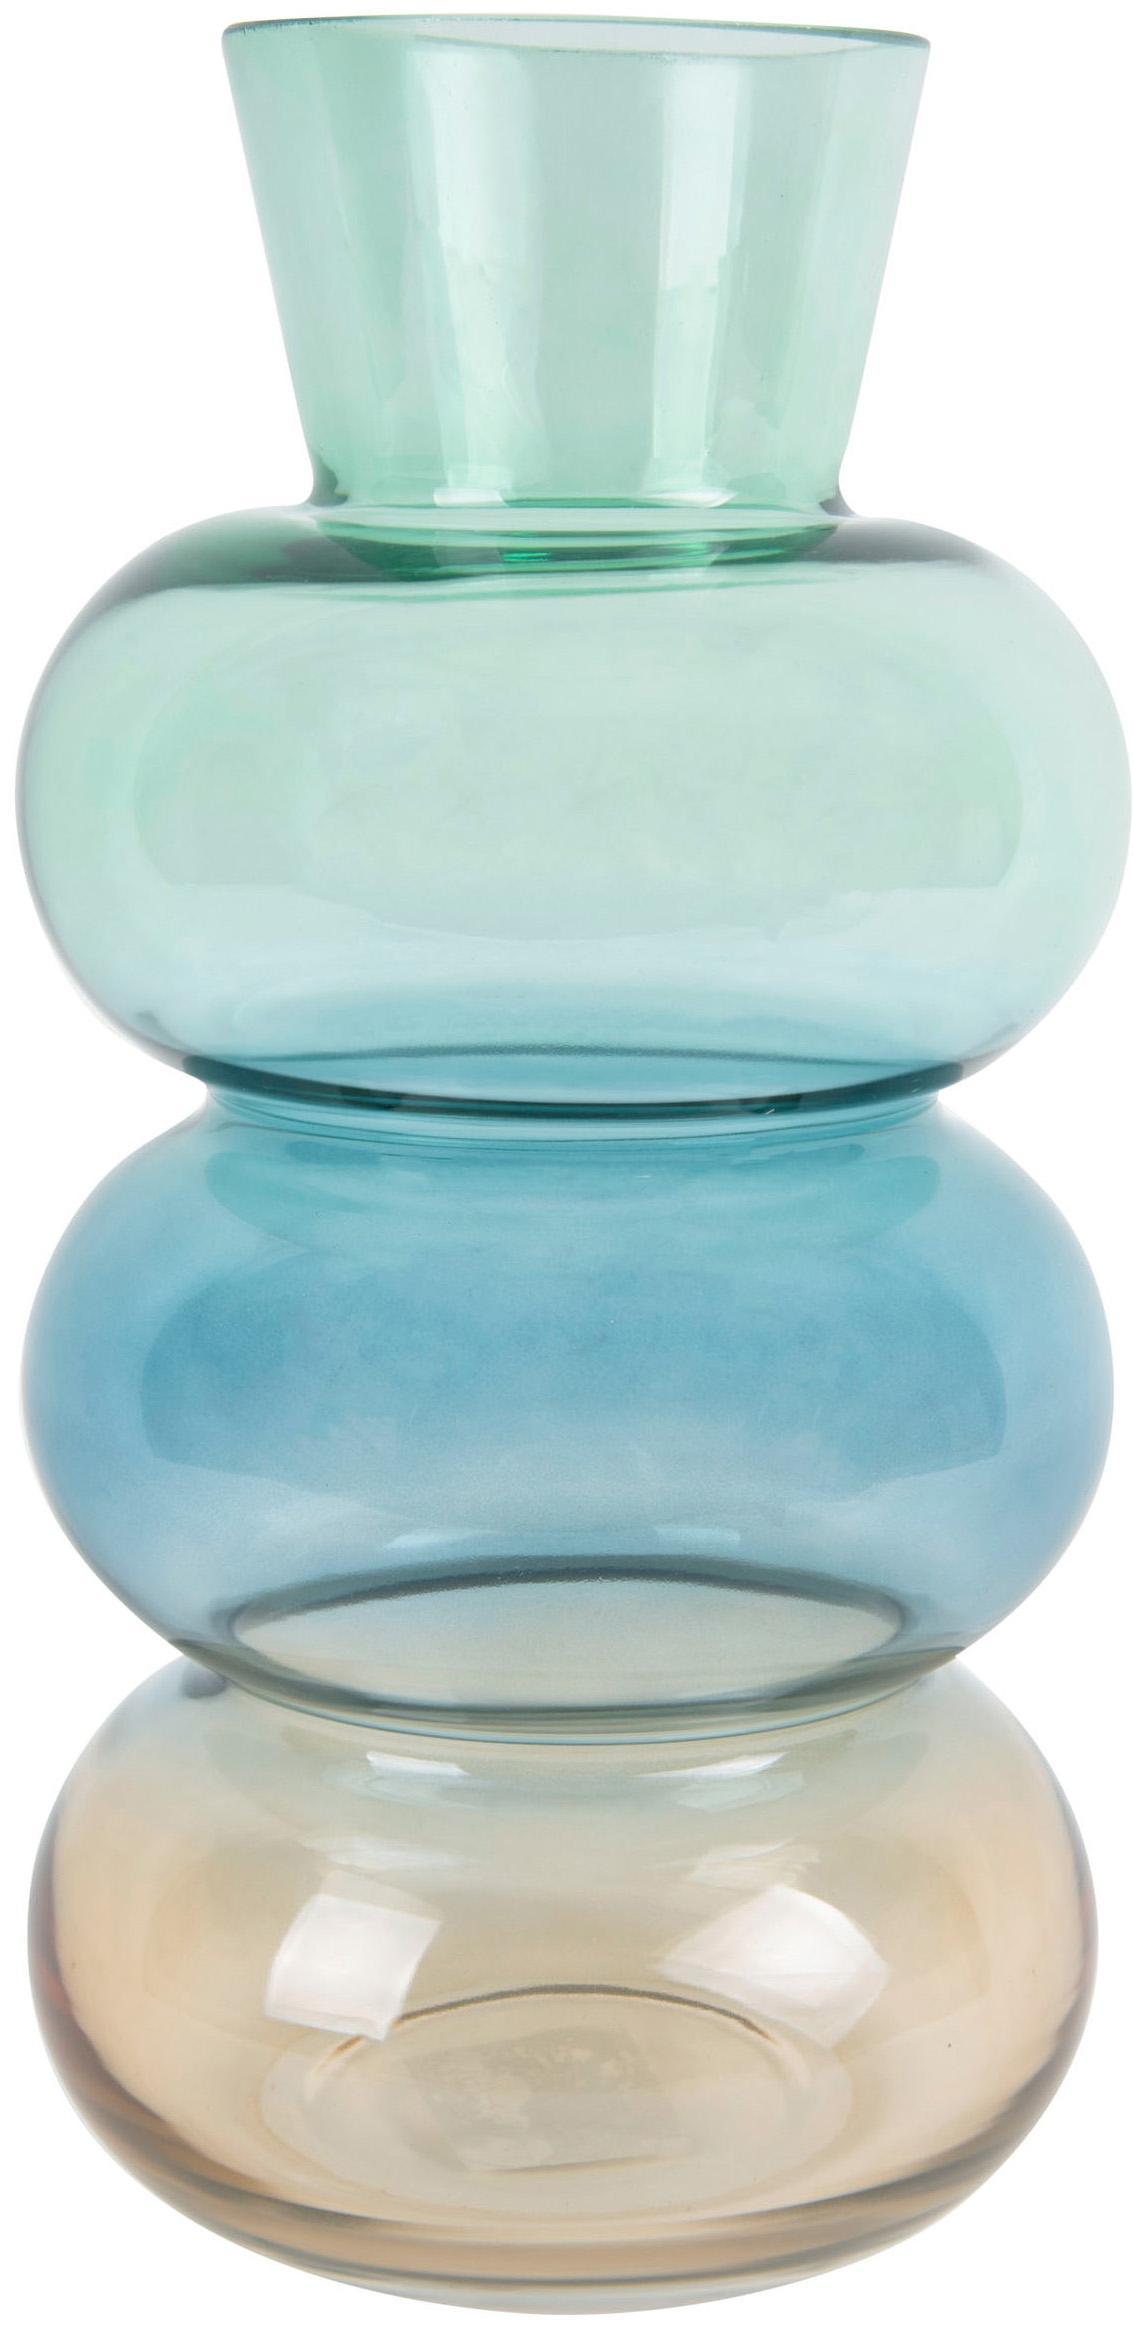 Mondgebblazen glazen vaas Winter Dream, Glas, Bruin, blauw, groen, Ø 14 x H 28 cm